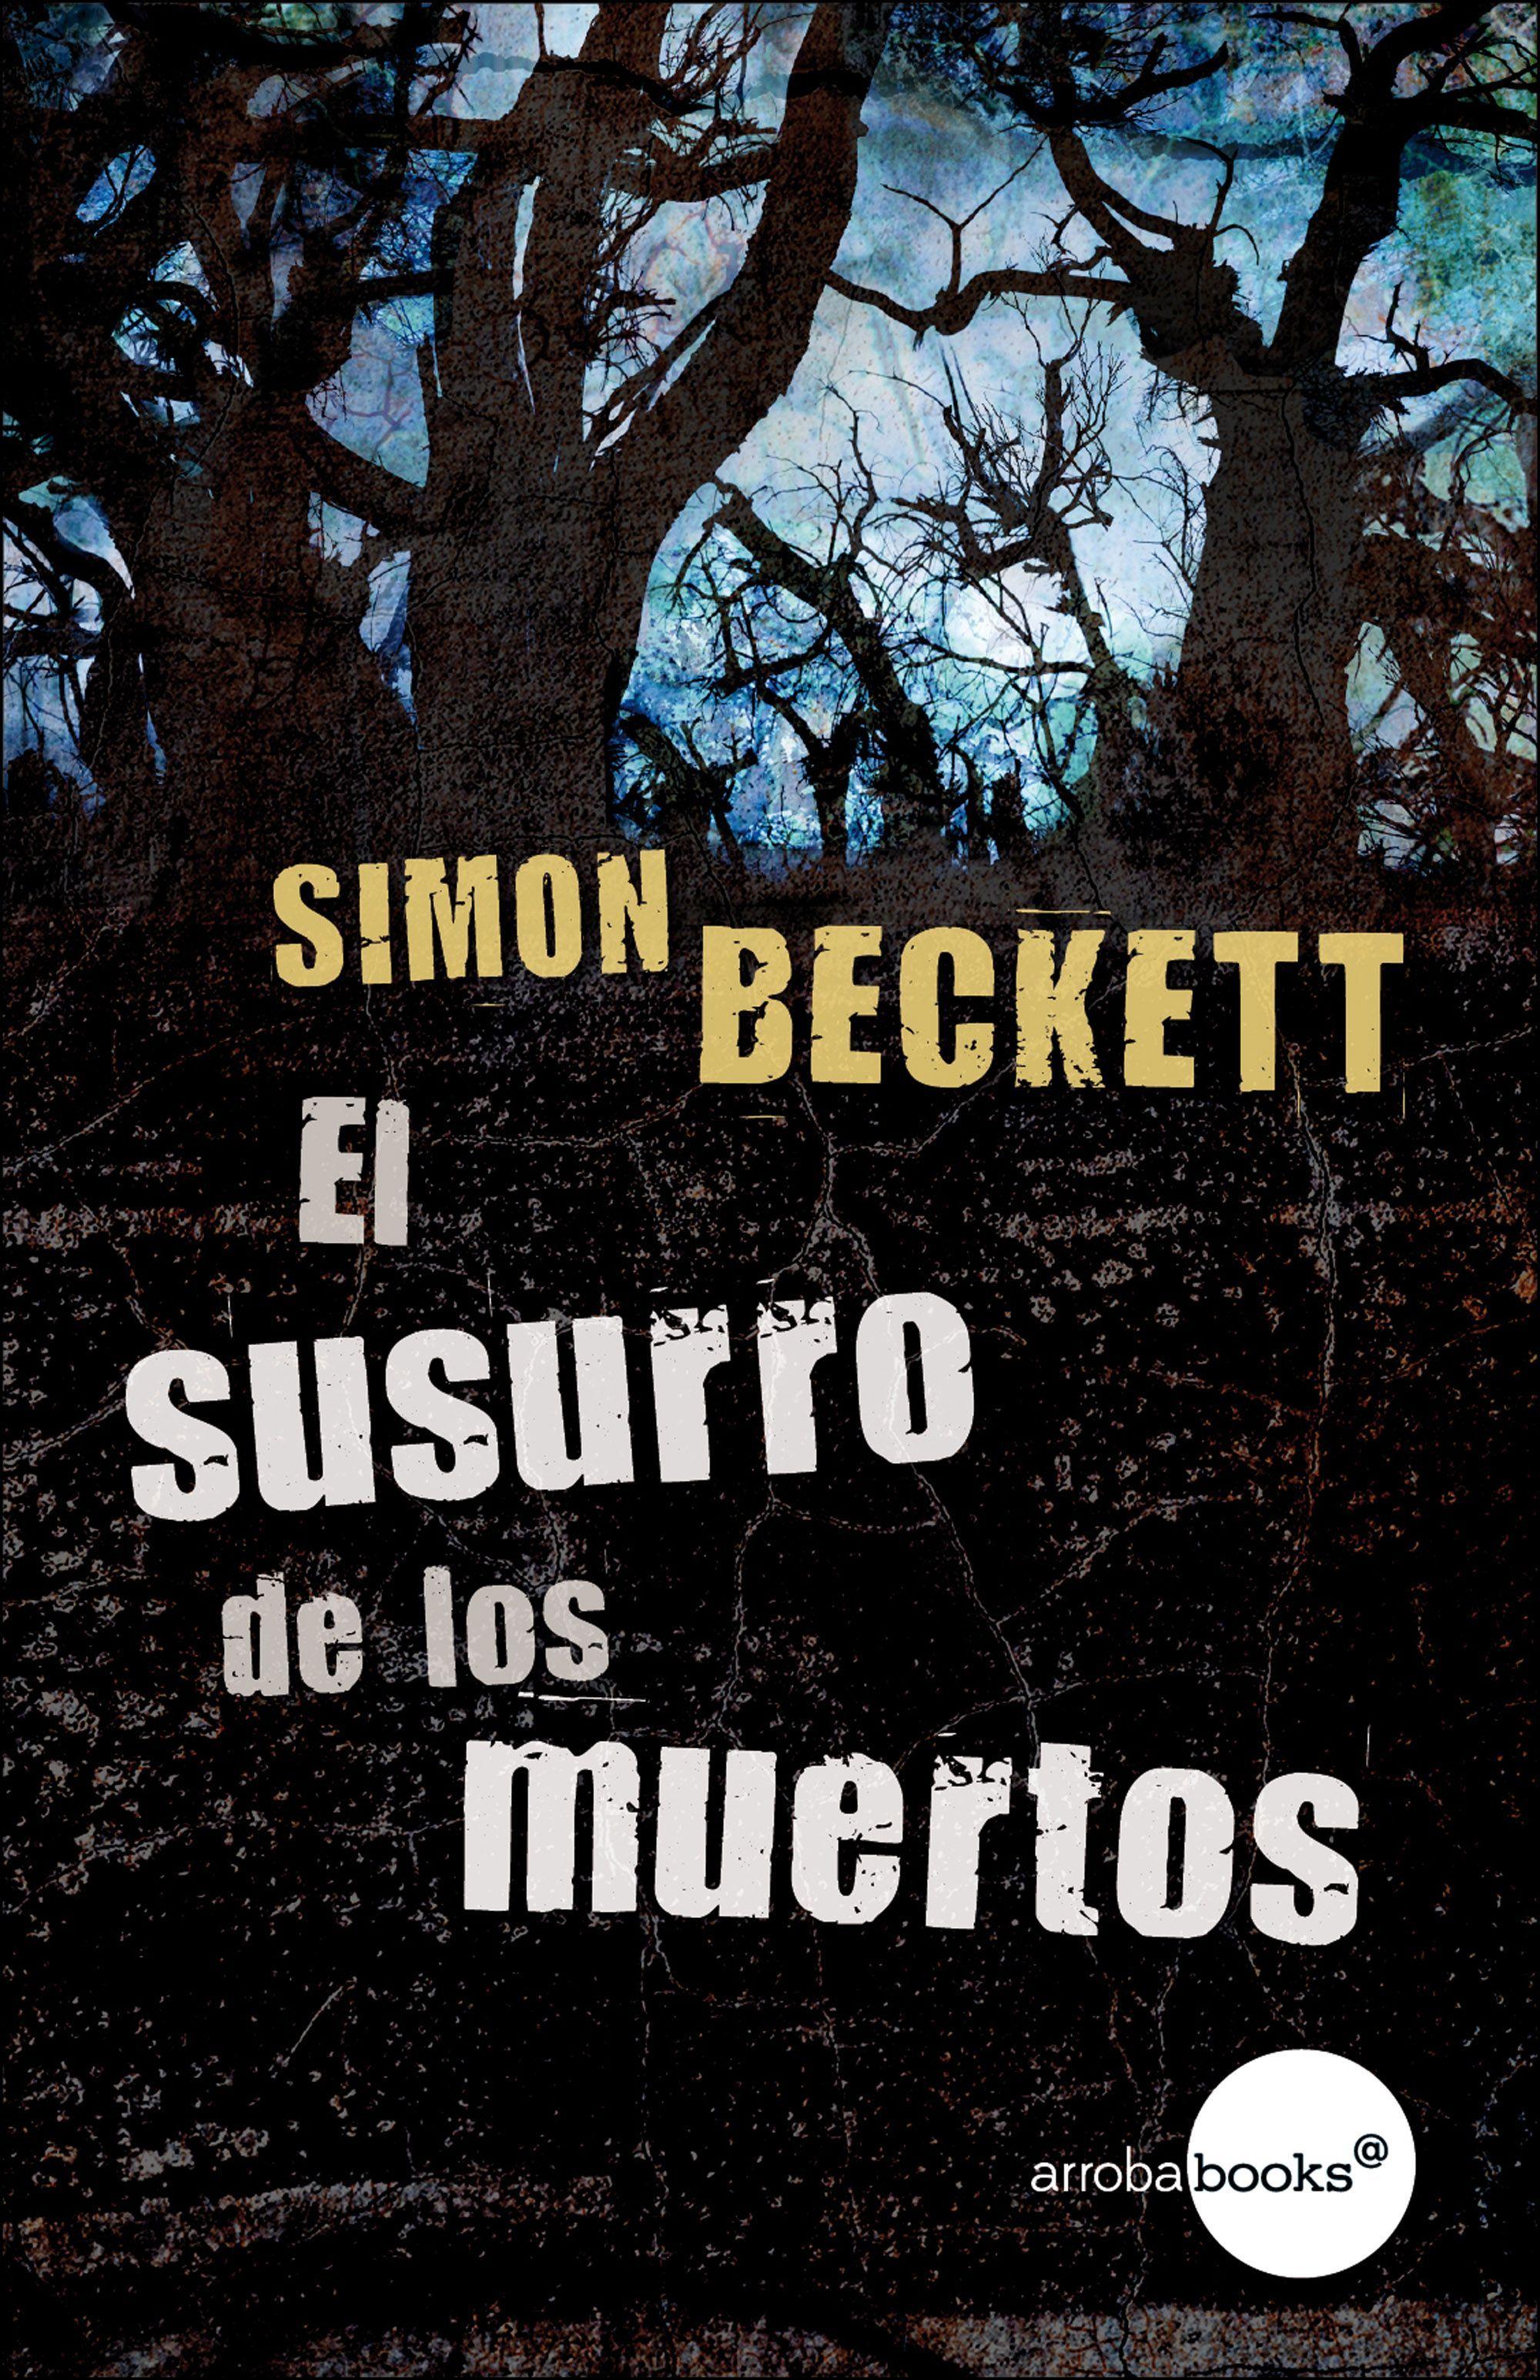 Book Cover Series Y Novelas : El susurro de los muertos simon beckett mis libros